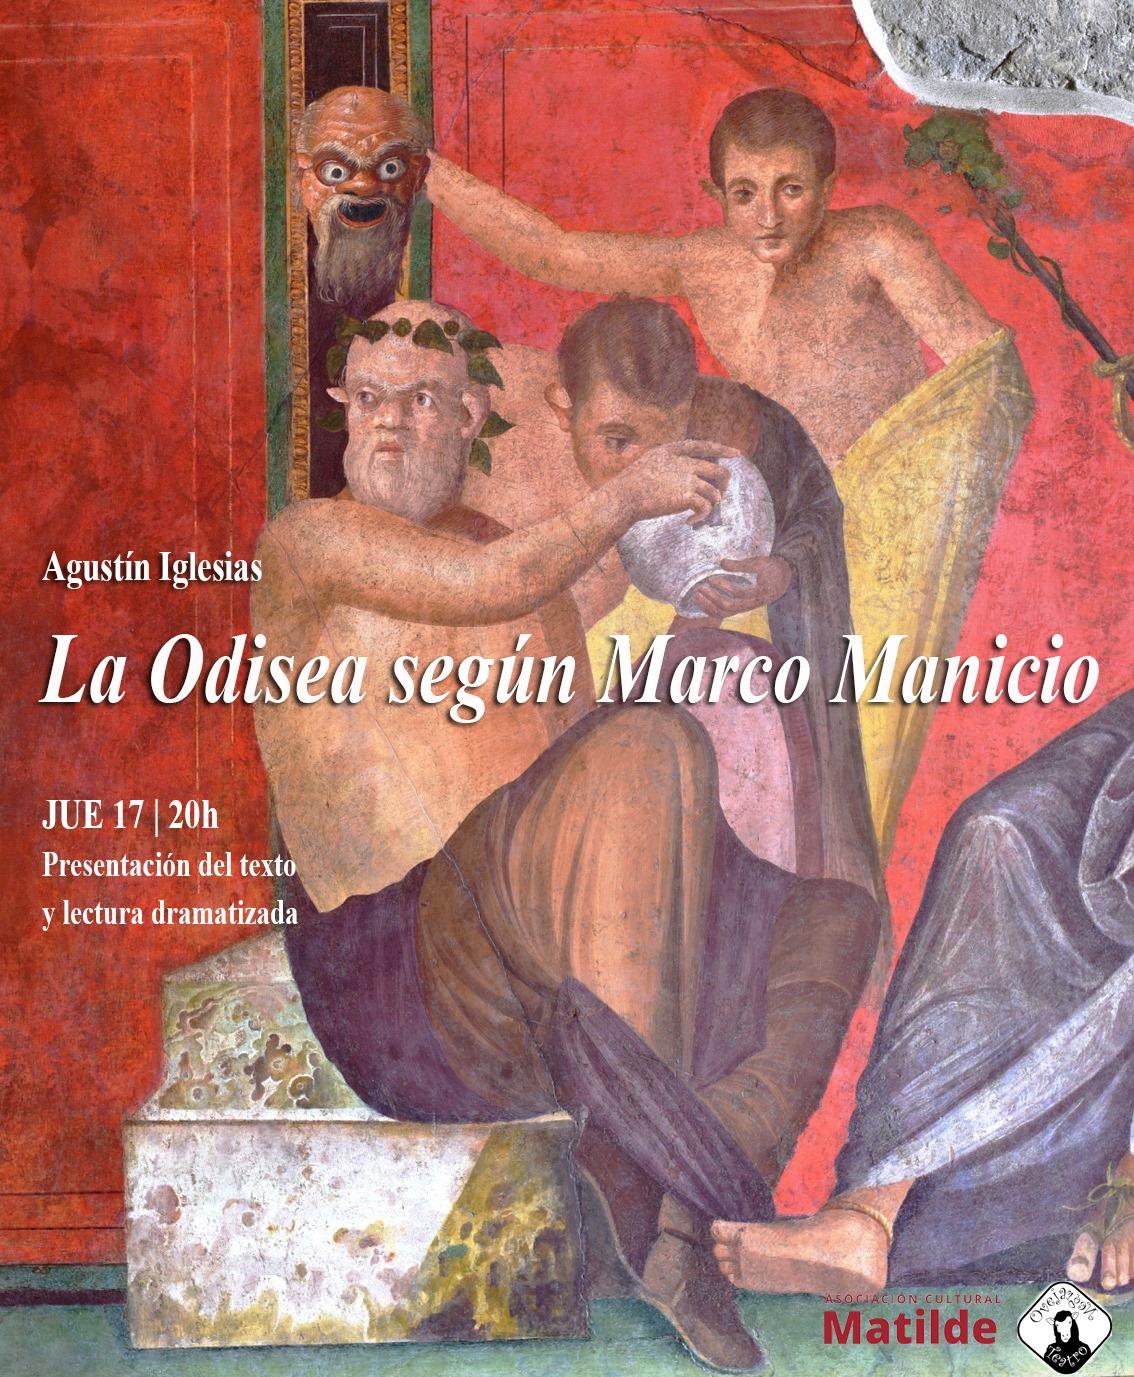 17 JUNIO 20H| 'LA ODISEA SEGÚN MARCO MANICIO', AGUSTÍN IGLESIAS (BADAJOZ)